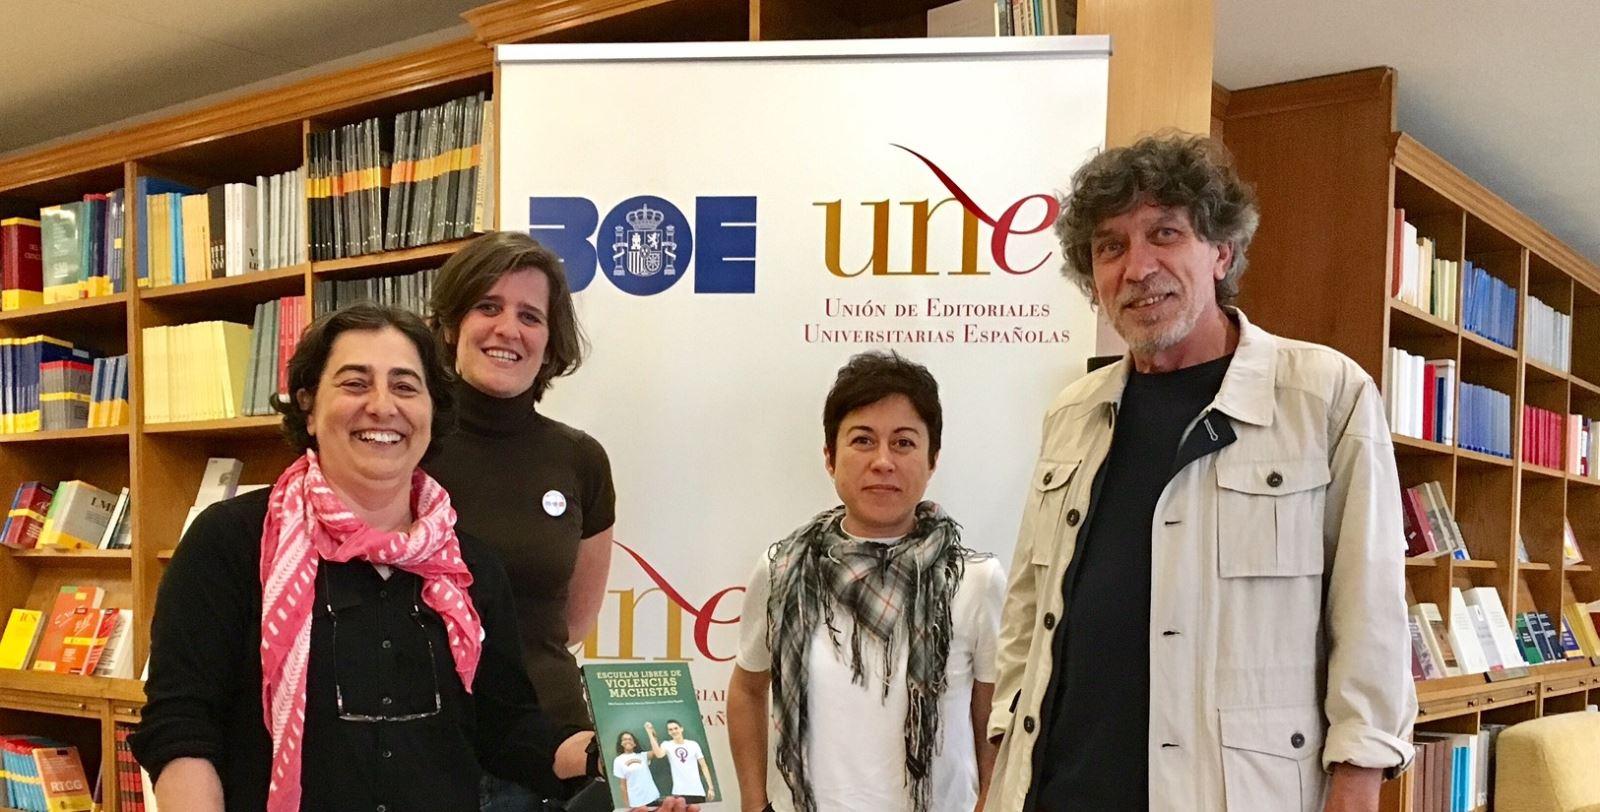 """Entrevista con Kika Fumero, Marian Moreno y Carmen Ruiz Repullo, autoras del libro """"Escuelas libres de violencias machistas"""", publicado por Edicions UIB"""